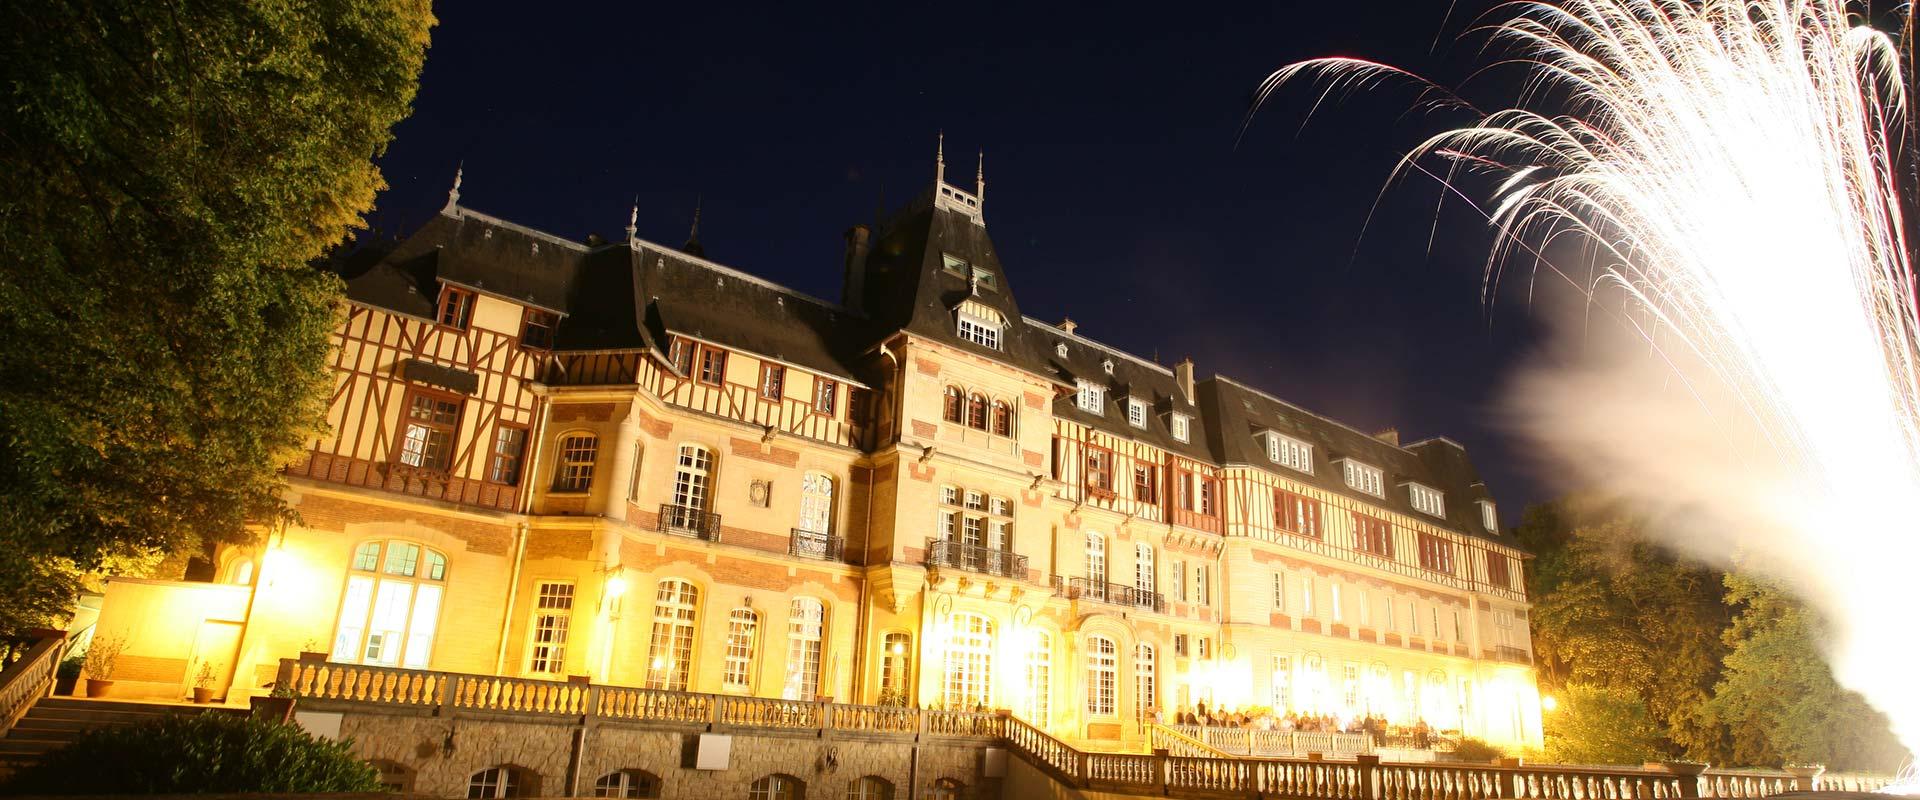 Organisation de votre Mariage à Chantilly - Hôtel 4 étoiles proche ...